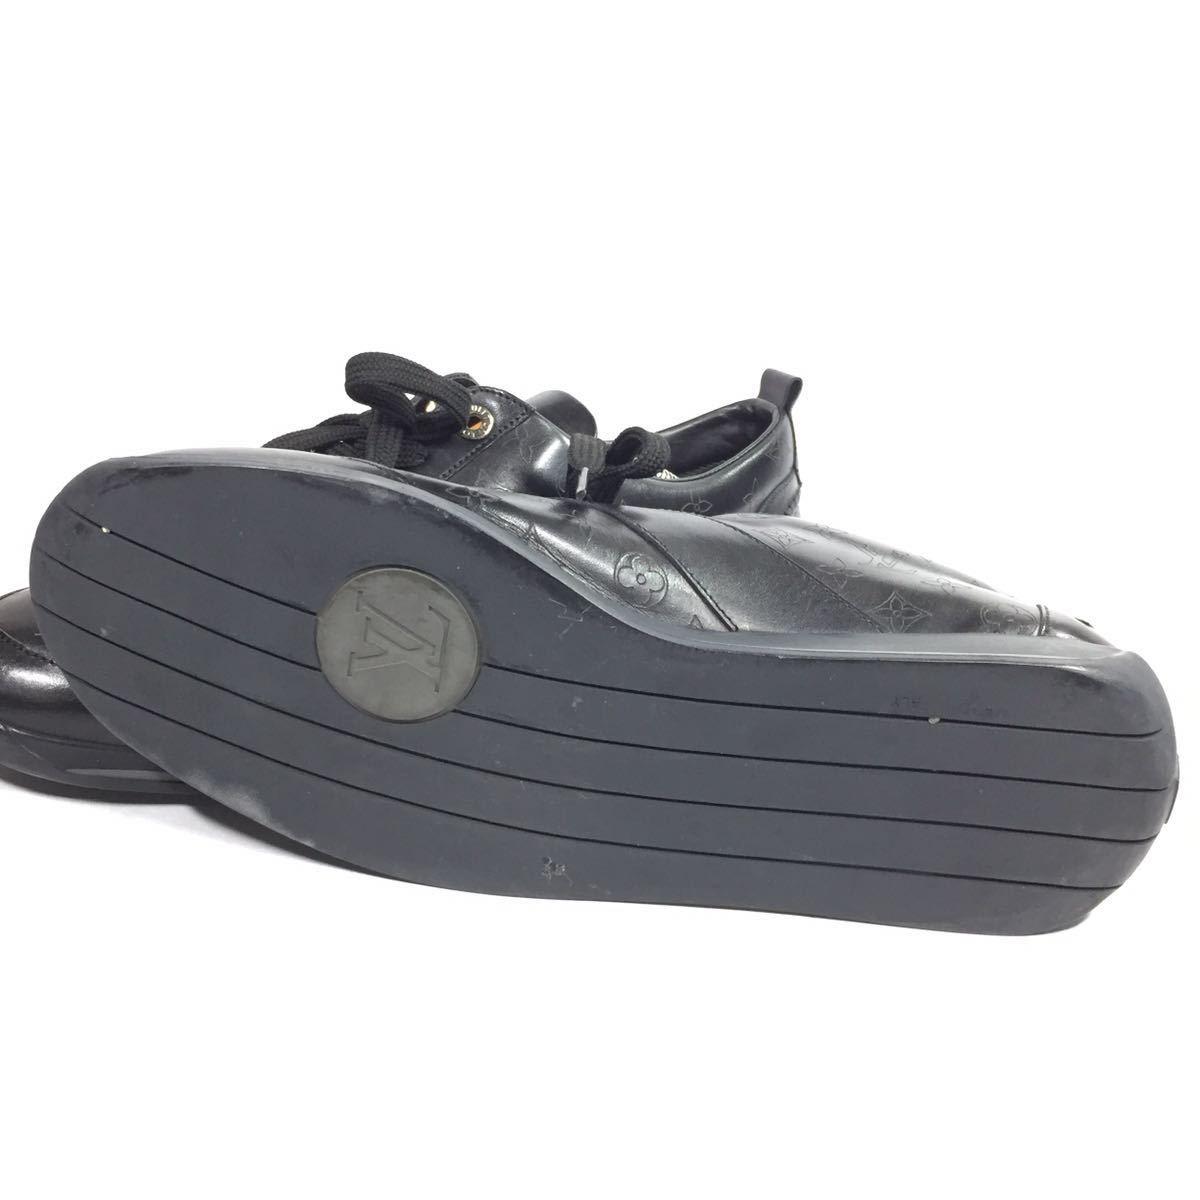 【ルイヴィトン】本物 LOUIS VUITTON 靴 28cm 黒 モノグラム スニーカー カジュアルシューズ 本革 レザー 男性用 メンズ イタリア製 9 1/2_画像5